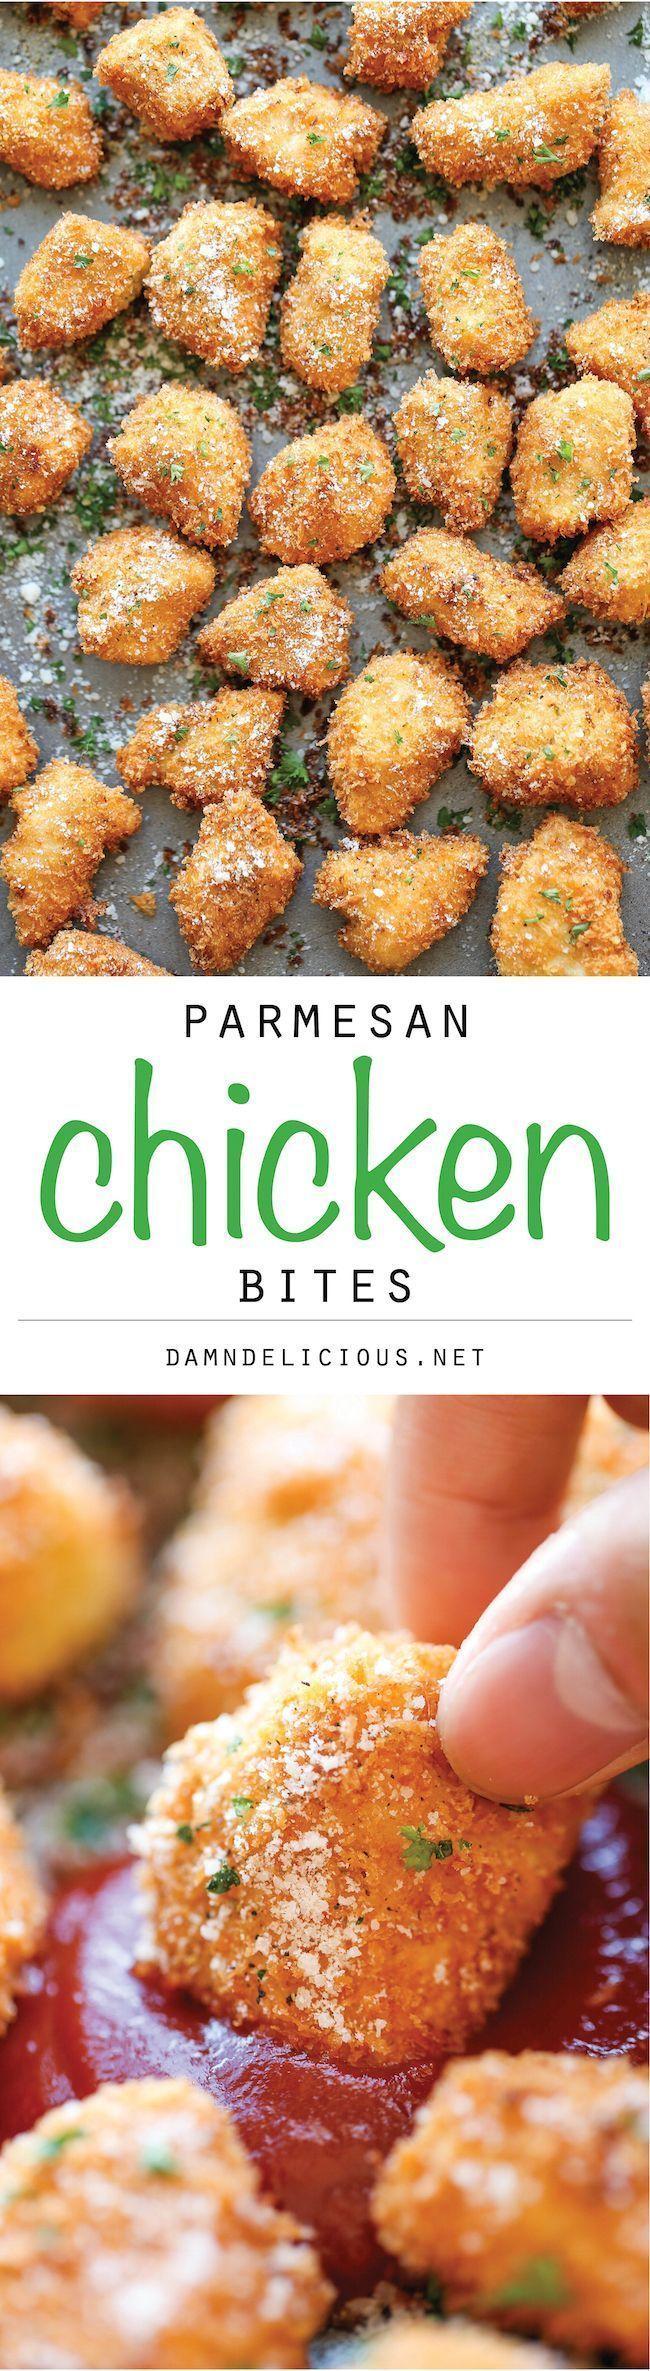 Parmesan chicken bites recipe chicken nuggets parmesan and parmesan chicken bites party food recipesbest forumfinder Gallery